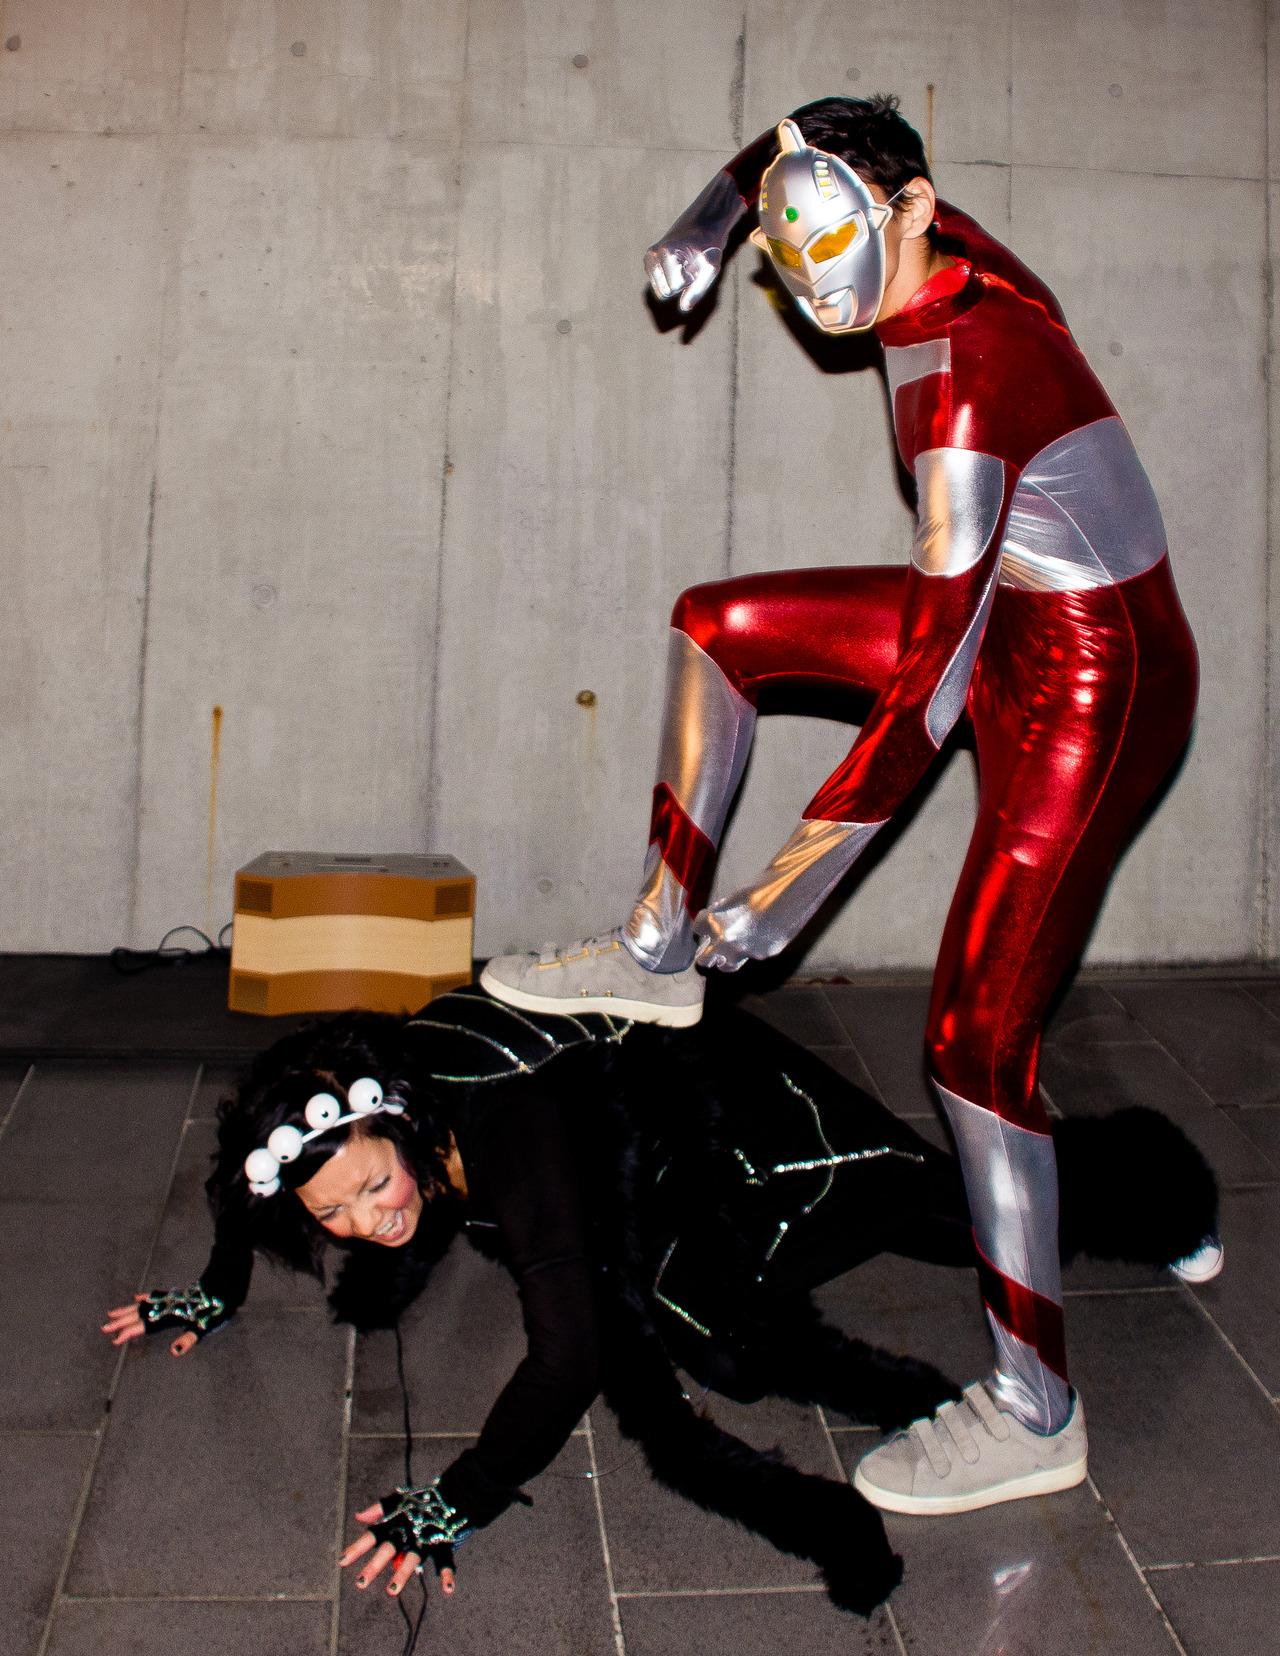 … Ultra Spider smash'd!